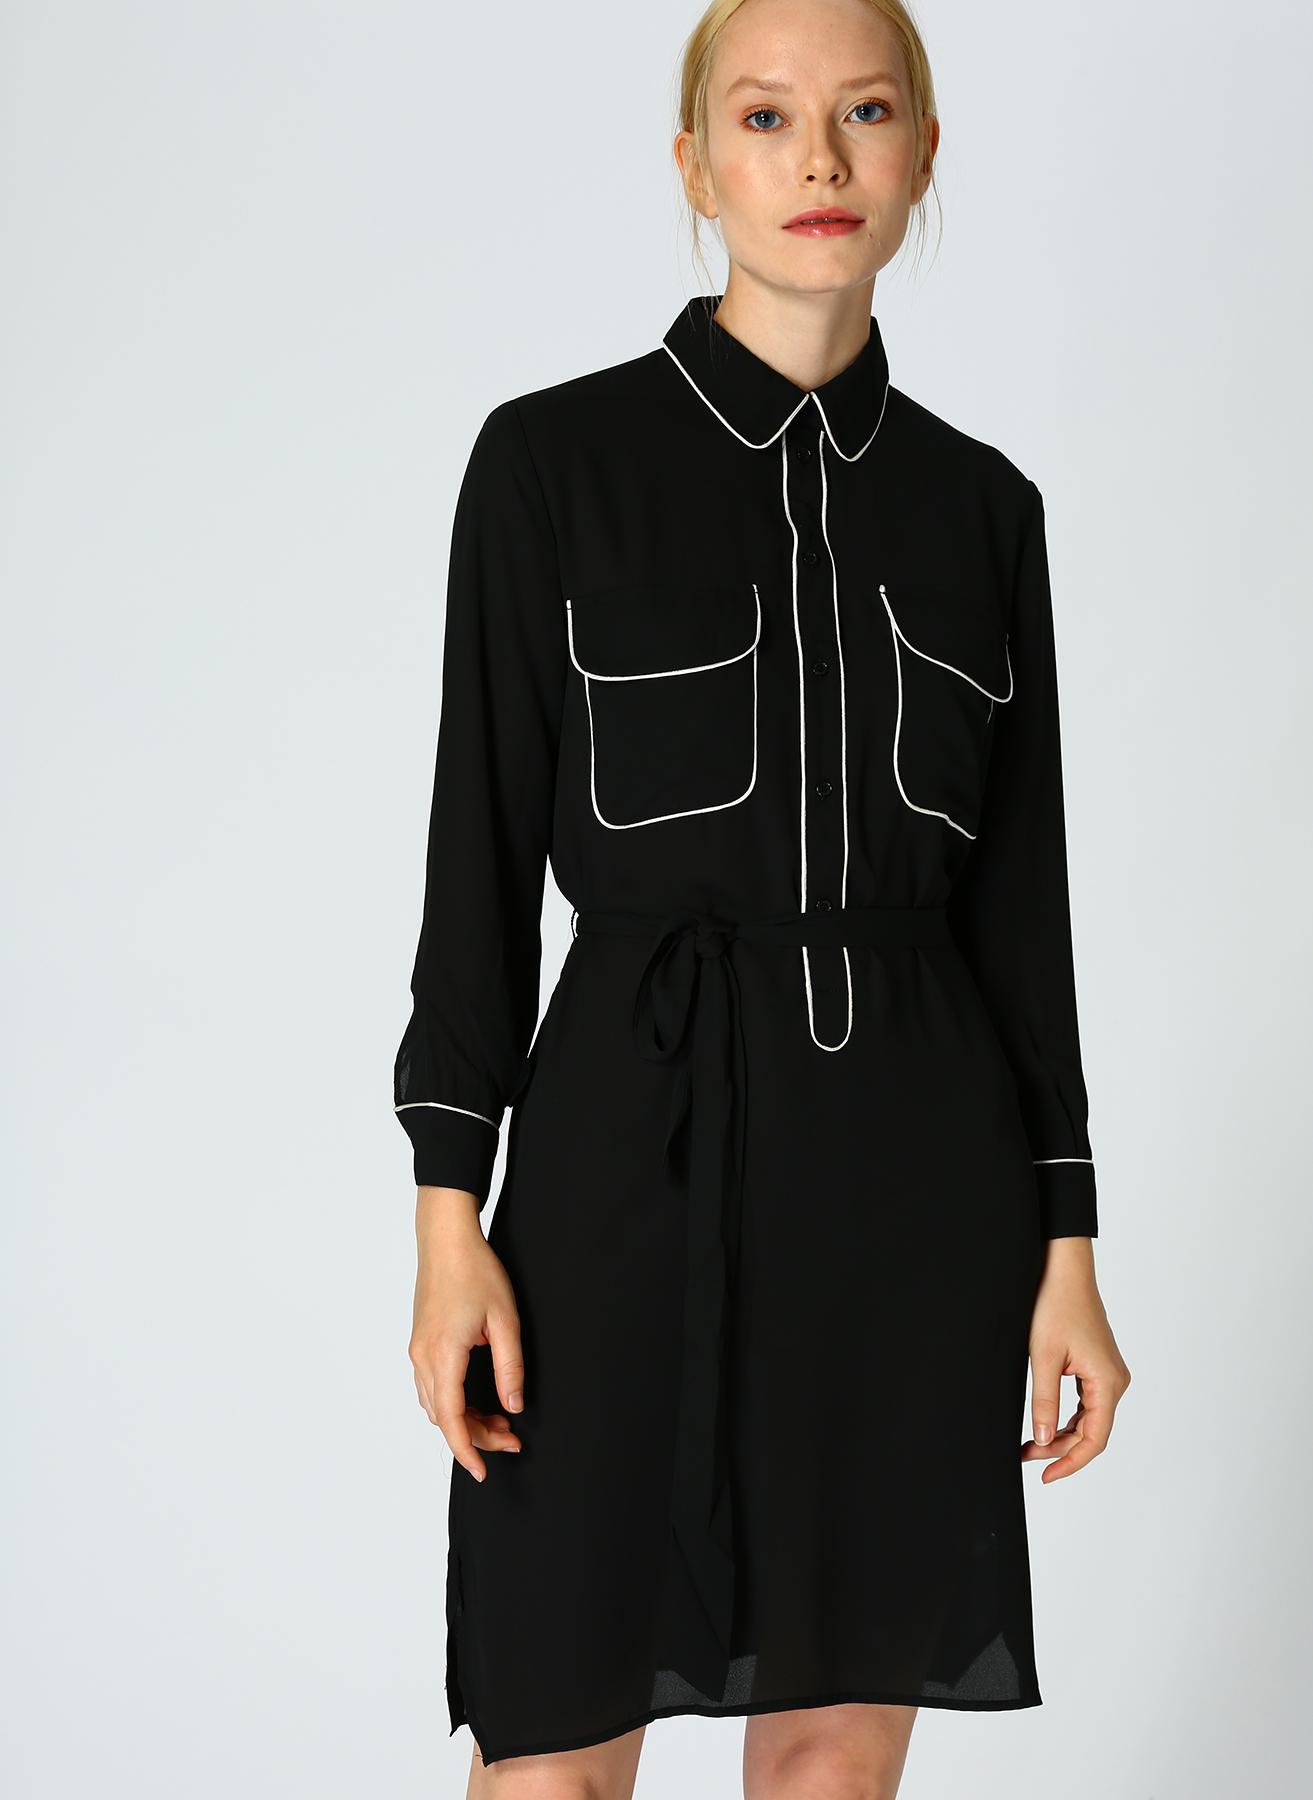 İpekyol Cep Detaylı Siyah Elbise 38 5002301056003 Ürün Resmi